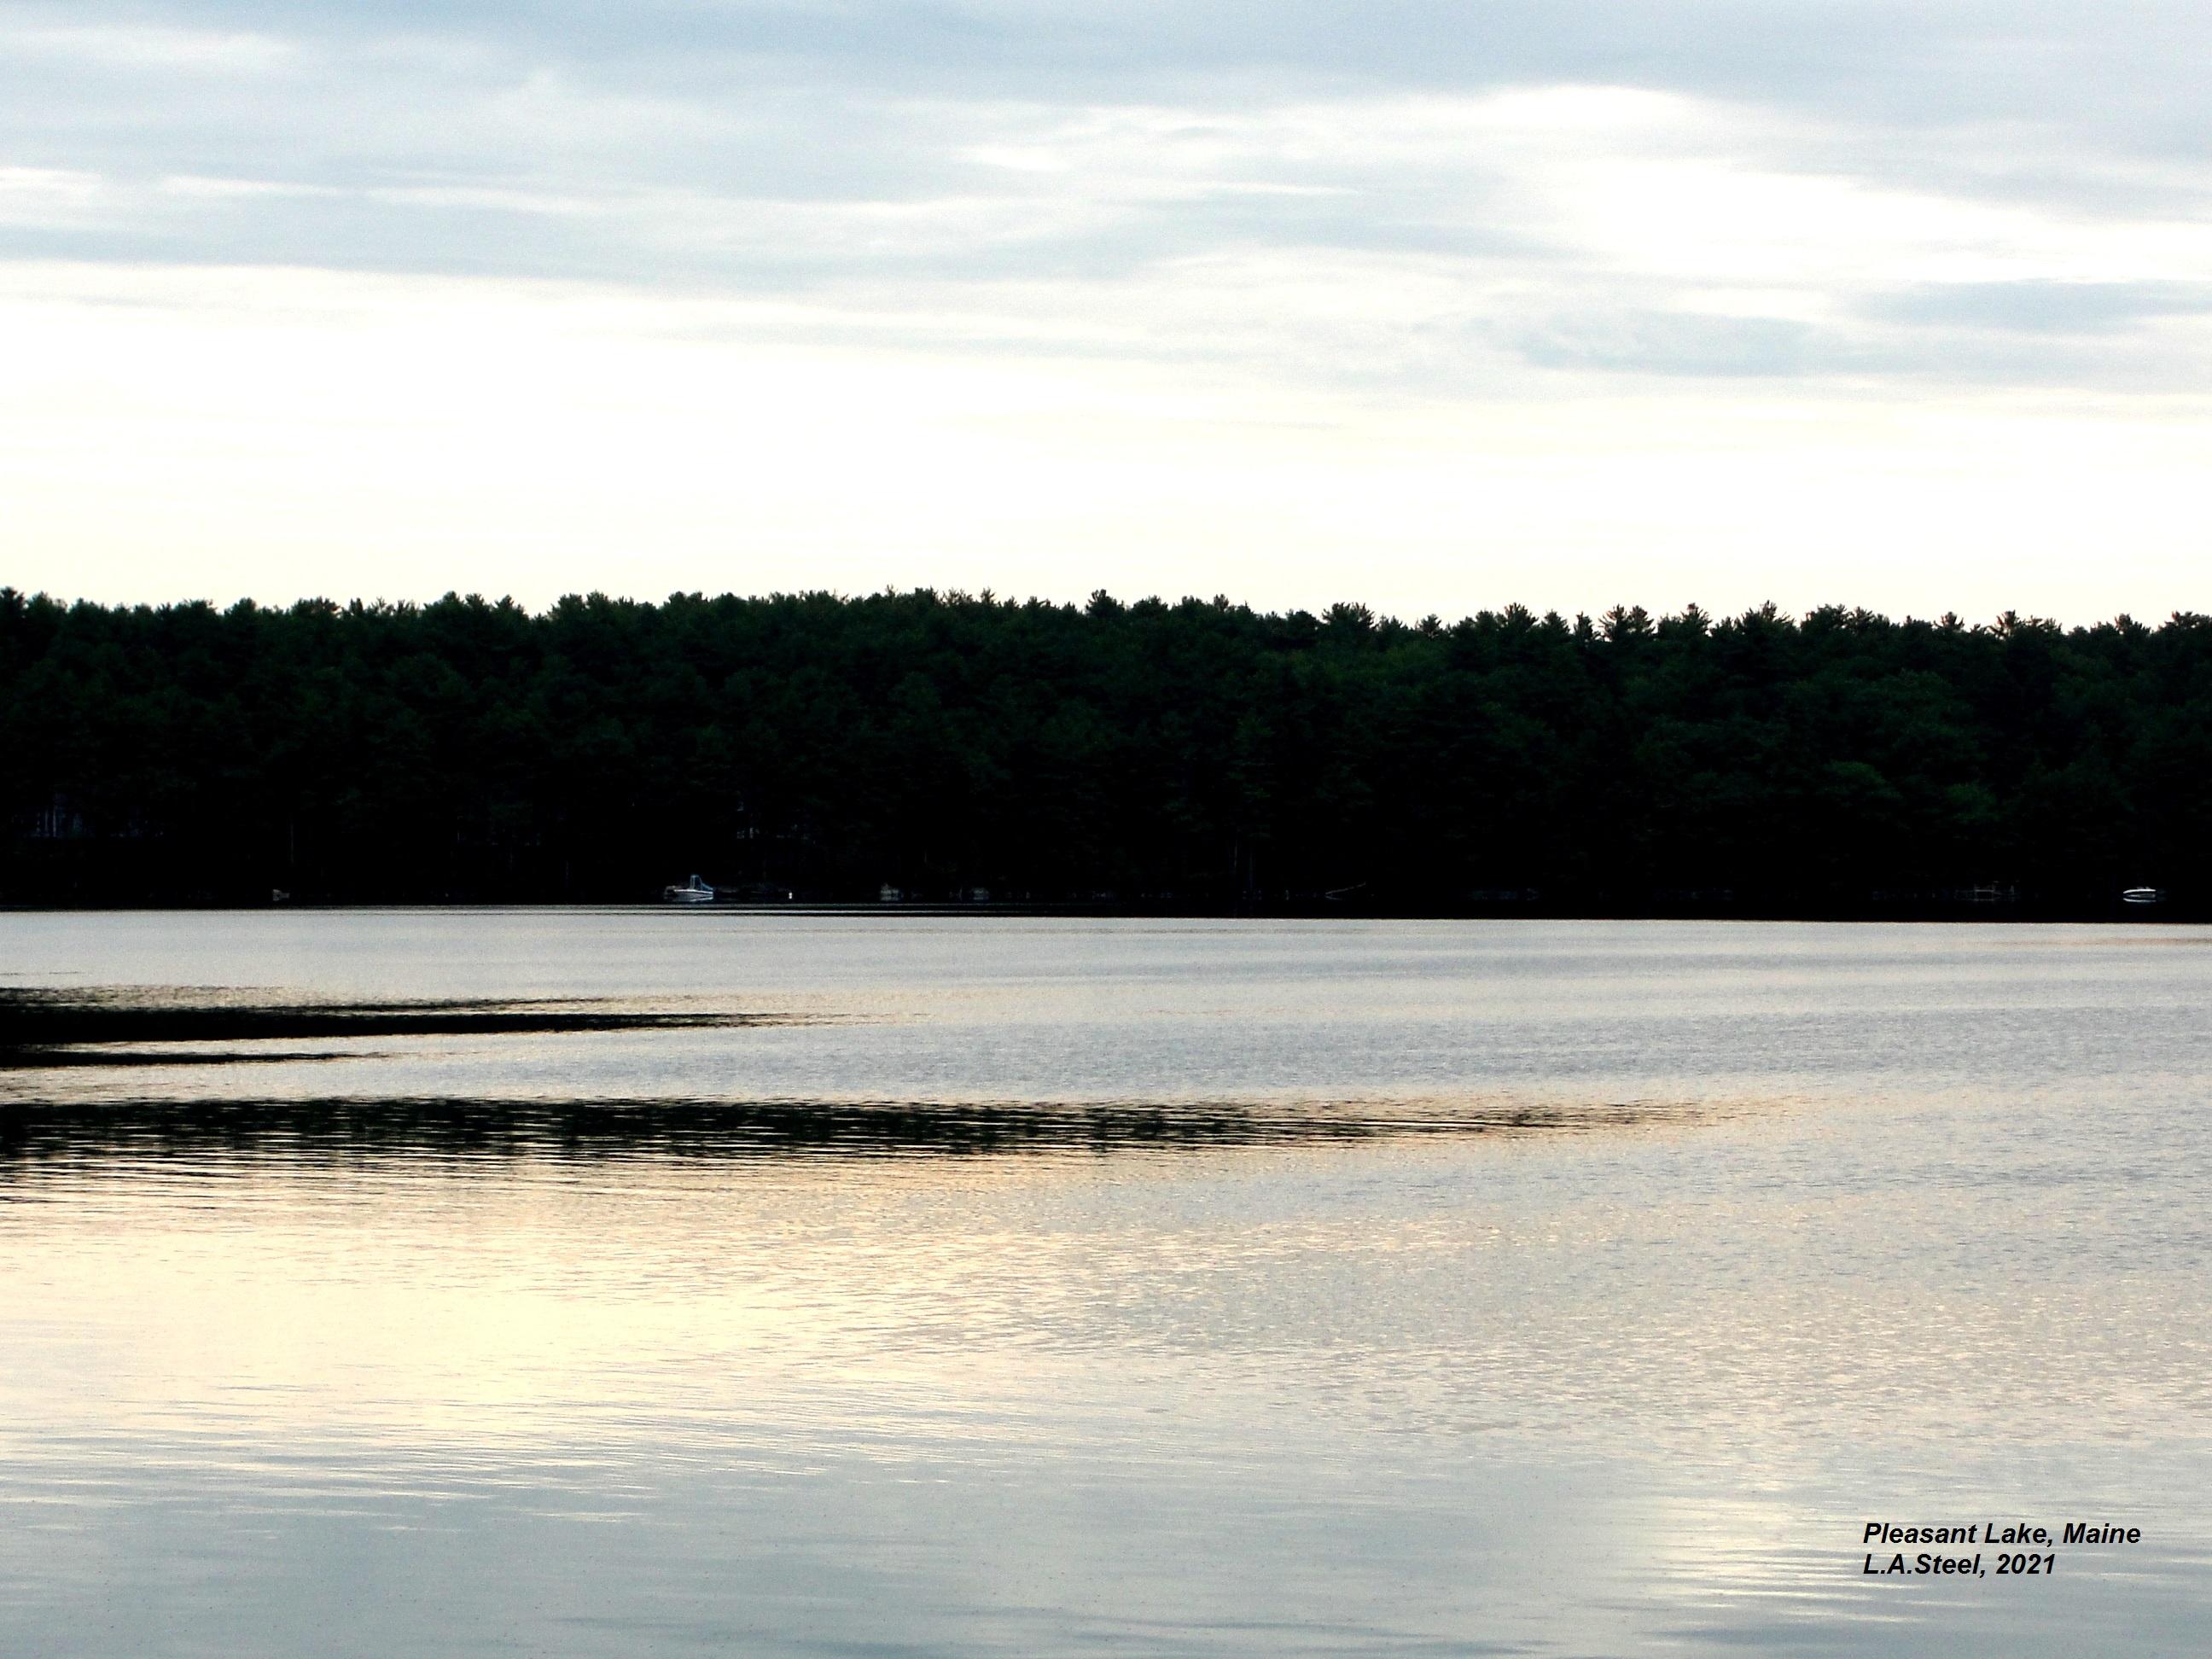 pleasant lake maine 2021.jpg 6